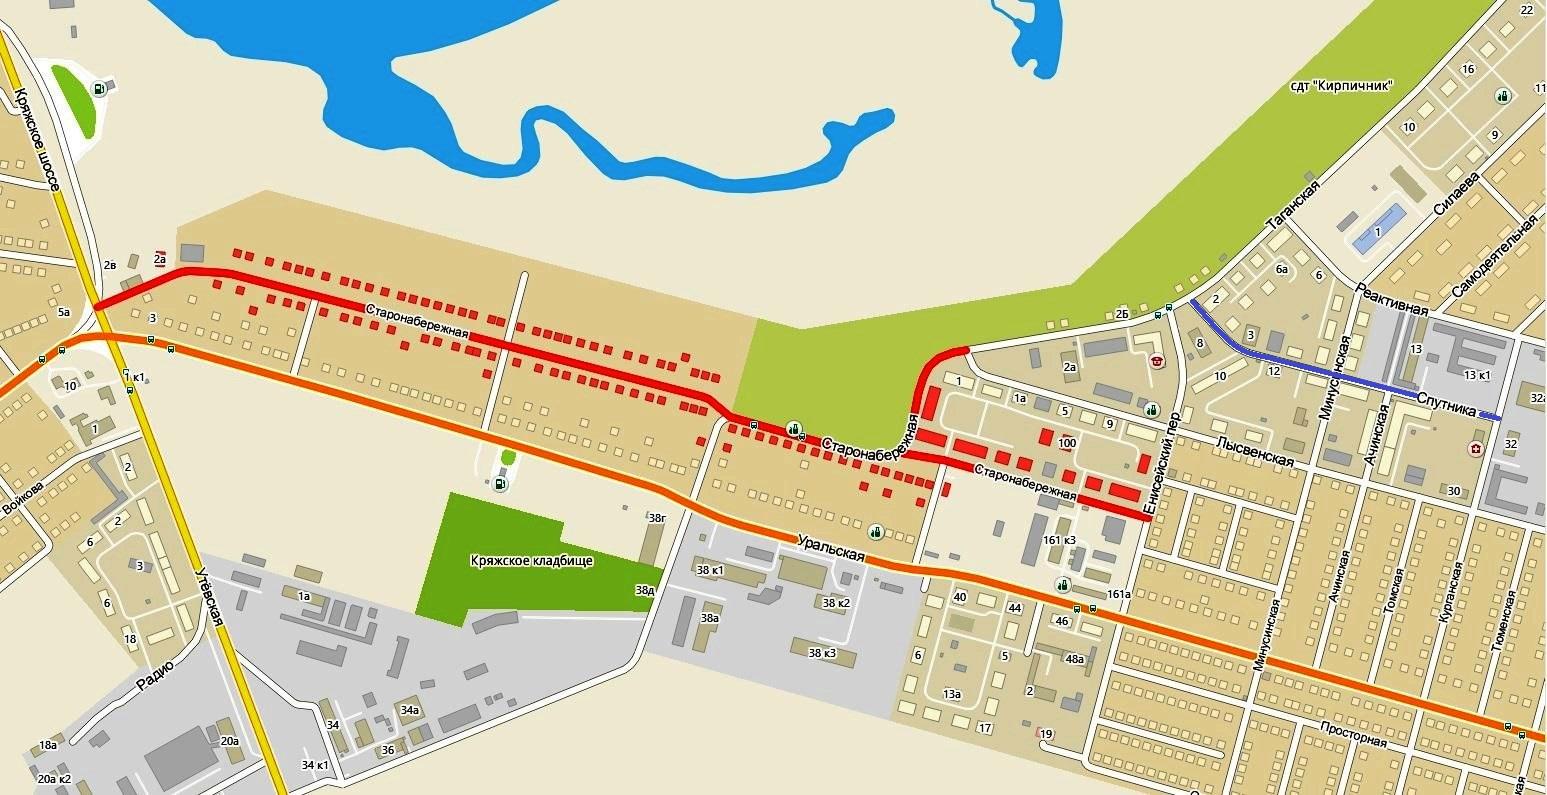 Улицы Спутника и Старонабережная в Самаре